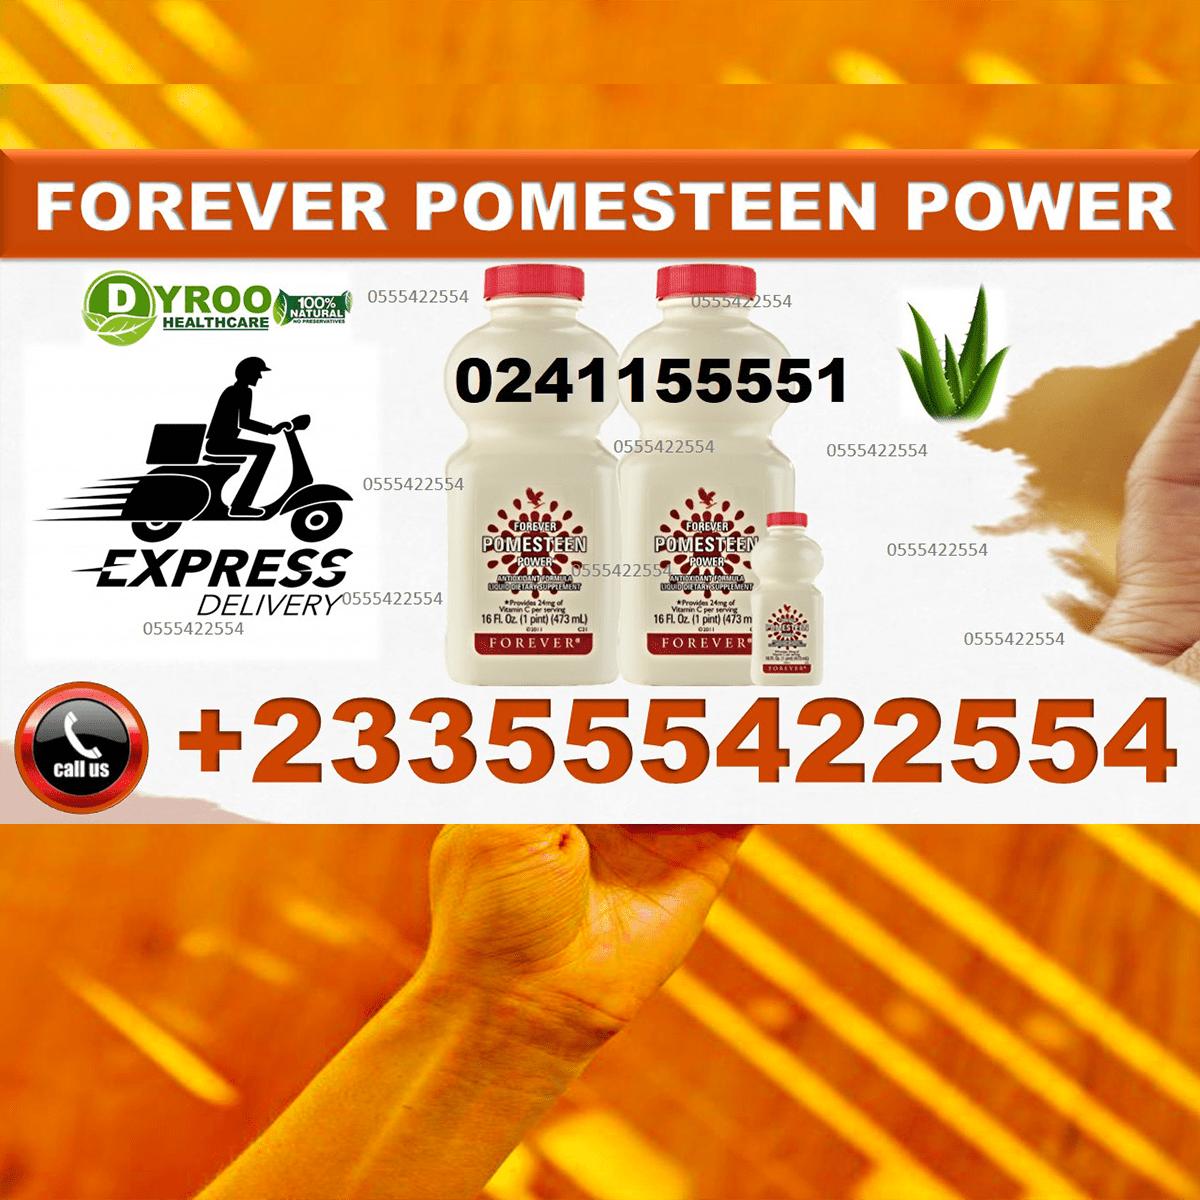 Forever Pomesteen Power in Ghana